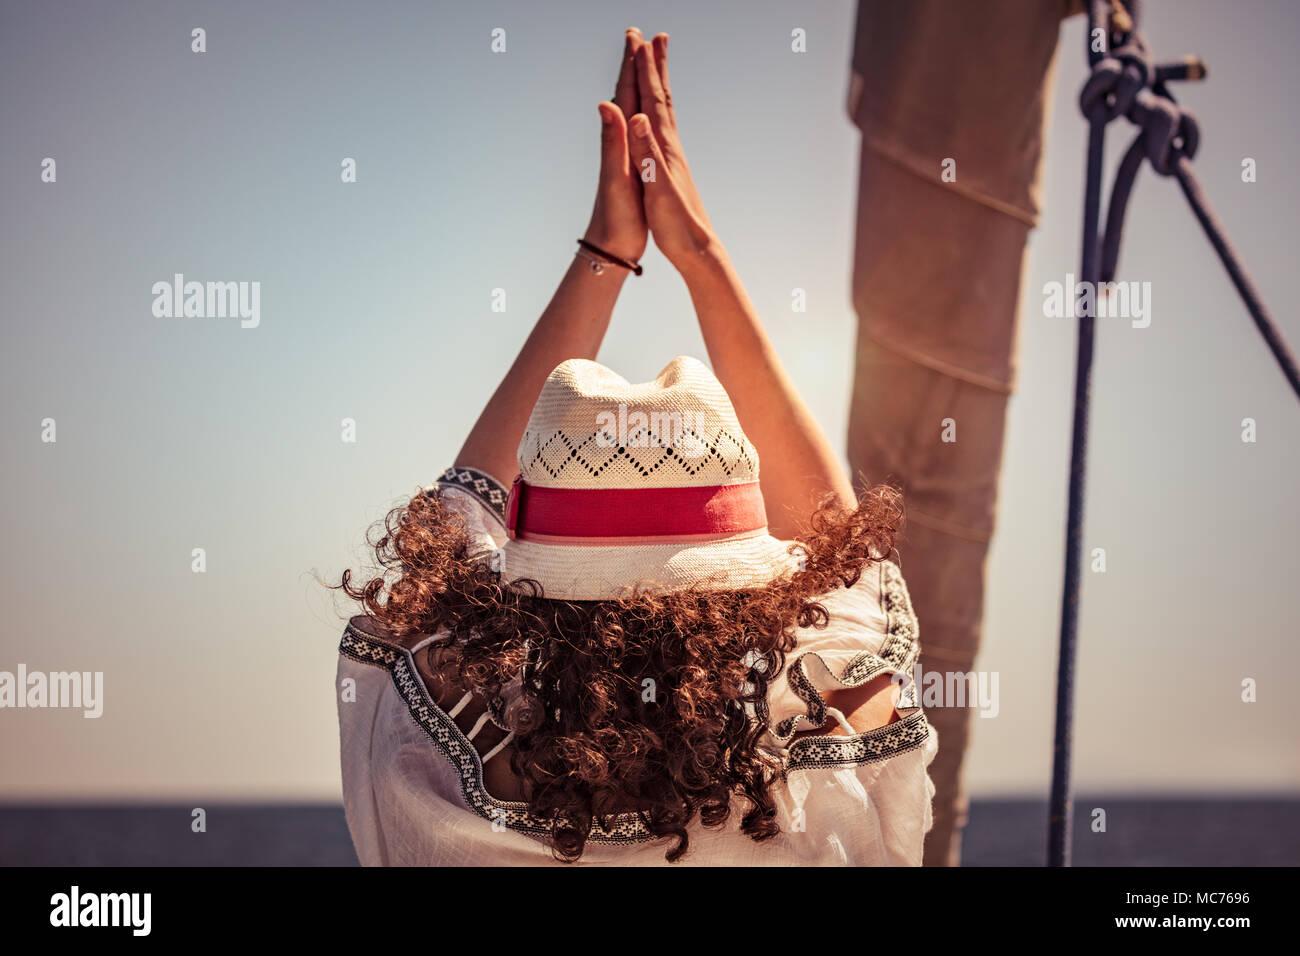 Mujer realizando ejercicios de yoga, vista trasera de una mujer de pie en el yoga asana en el velero entre mar, limpieza de aura, meditando en vacaciones Imagen De Stock